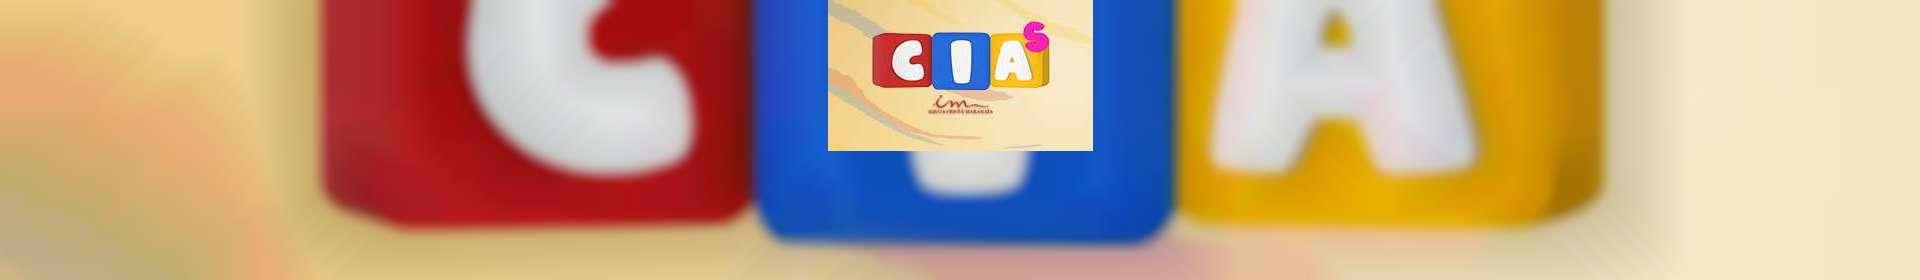 Aula de CIAS: classe de 0 a 3 anos e gestantes - 16 de julho de 2020